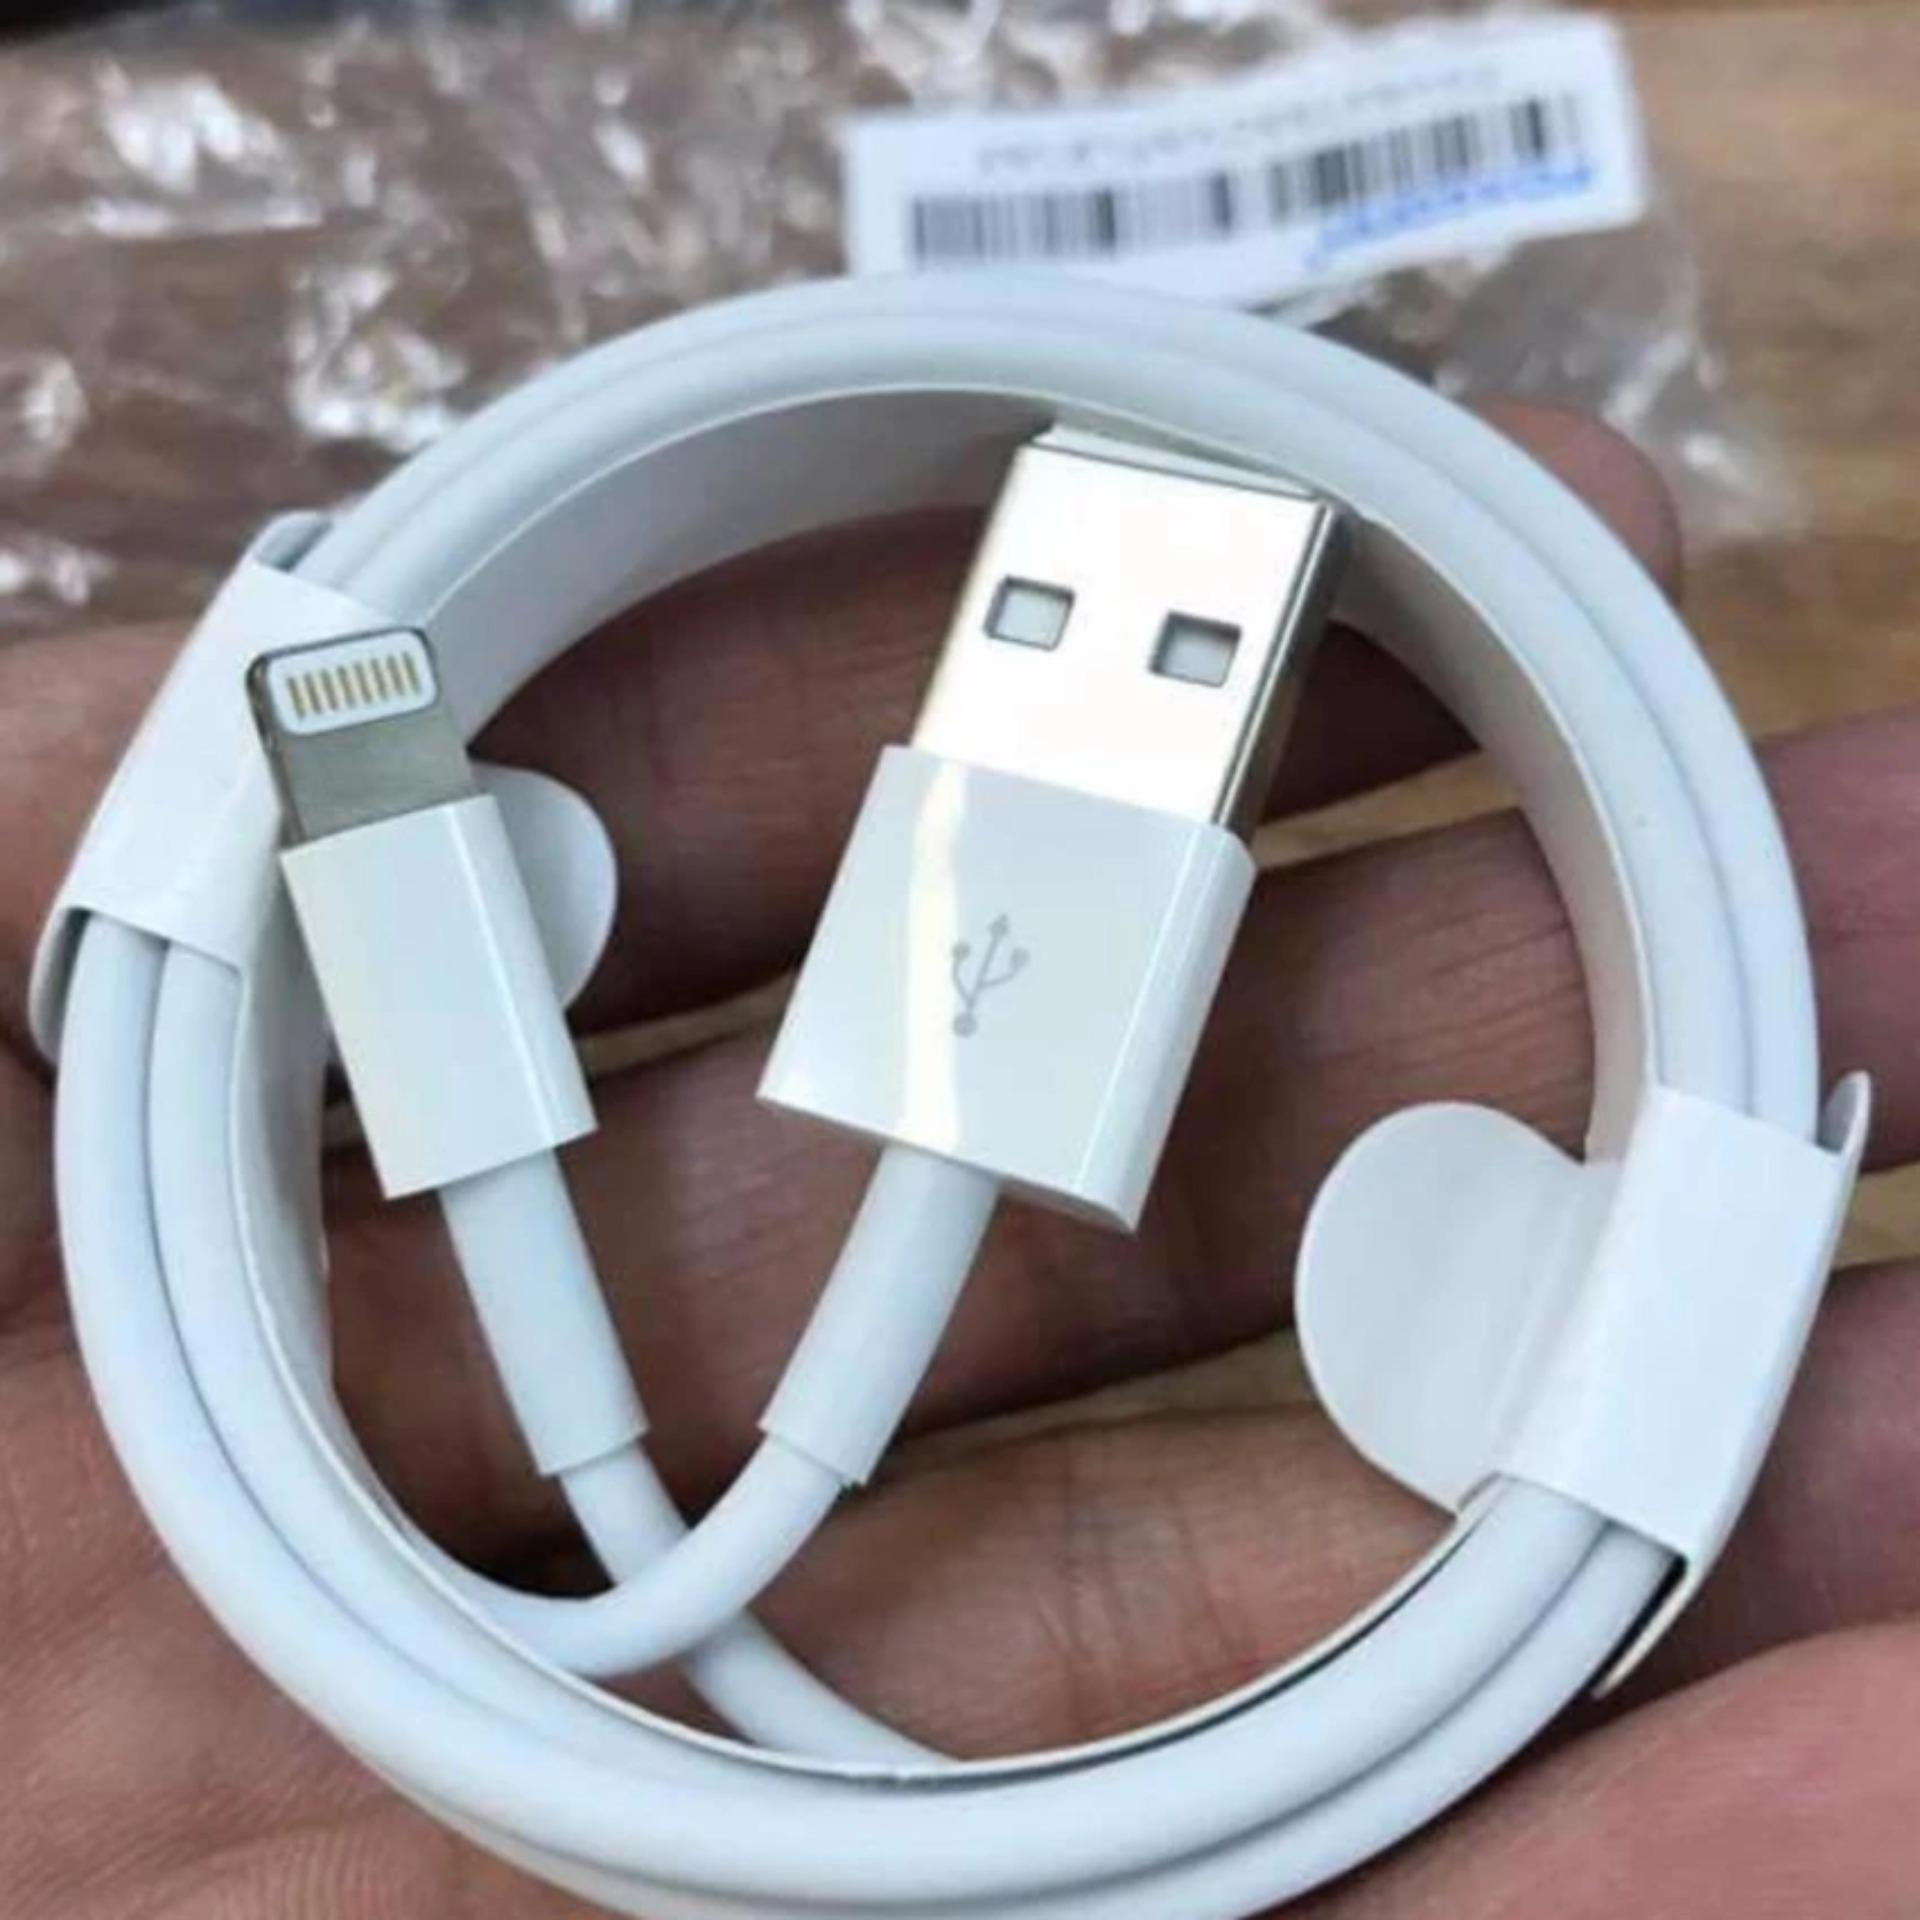 Đánh giá Cáp sạc IPhone 7 7 Plus ZIN Foxcom Tại Bông Bông Shop Phụ Kiện